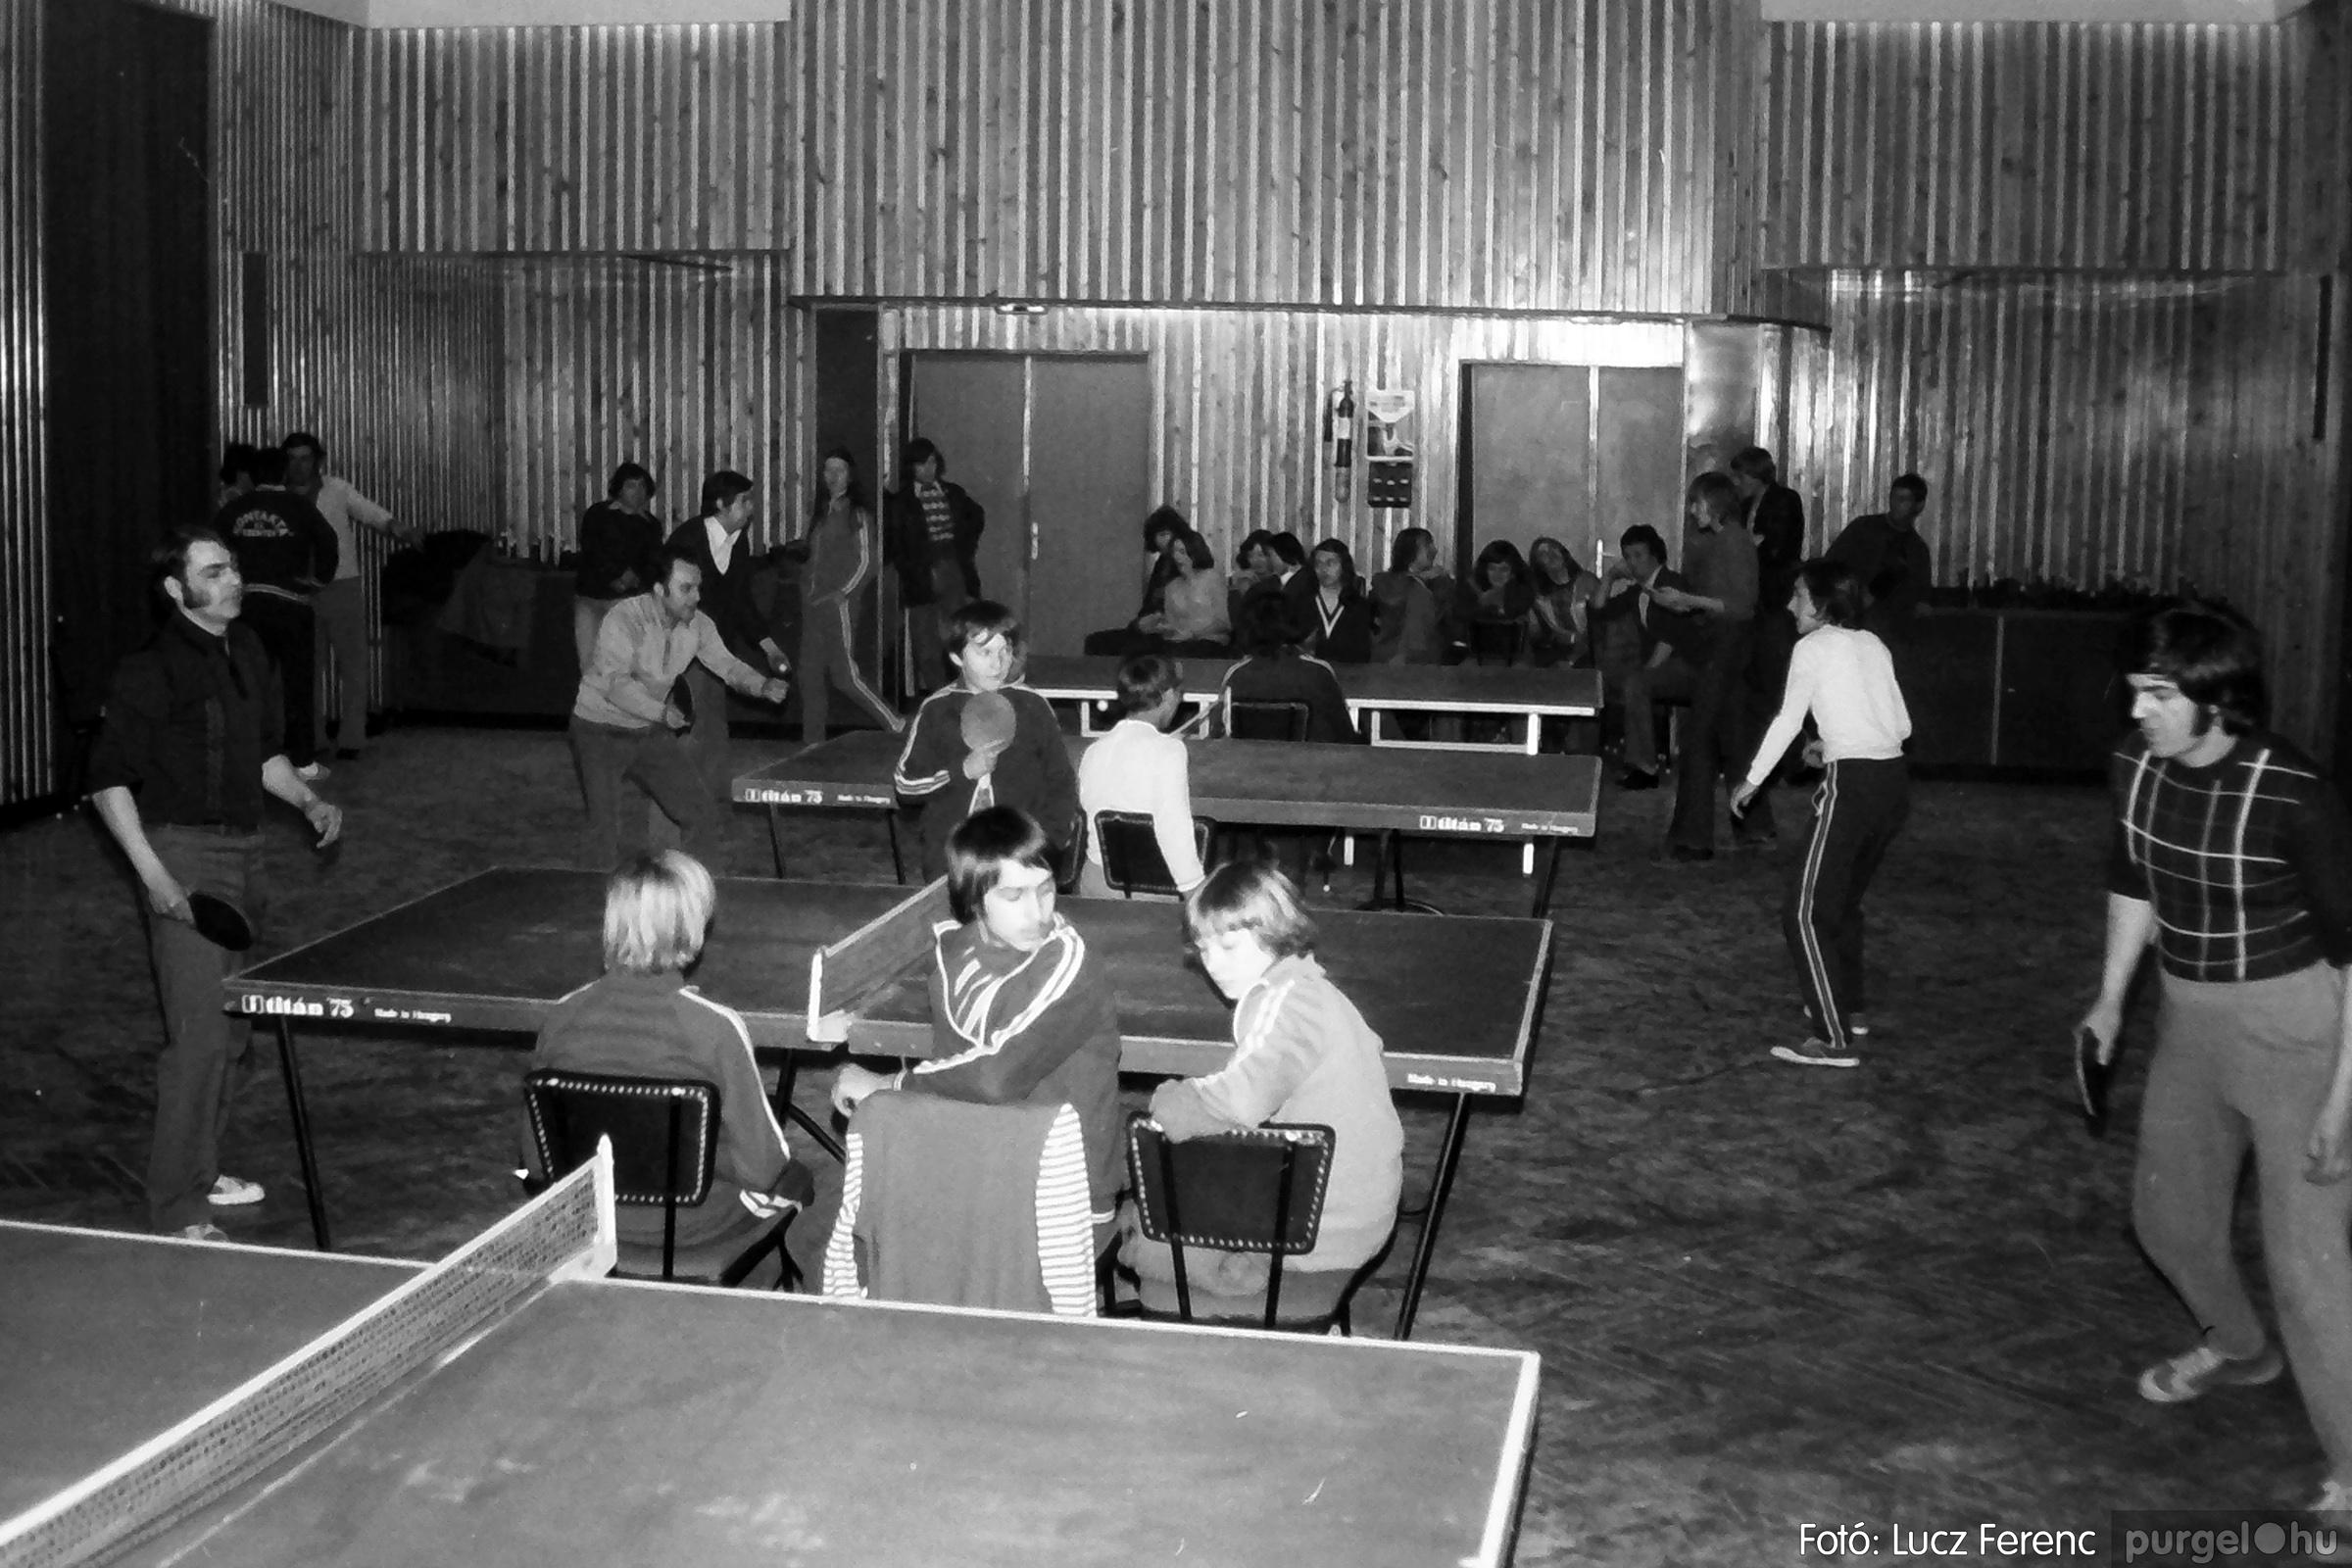 073. 1977. Asztaltenisz verseny 008. - Fotó: Lucz Ferenc.jpg